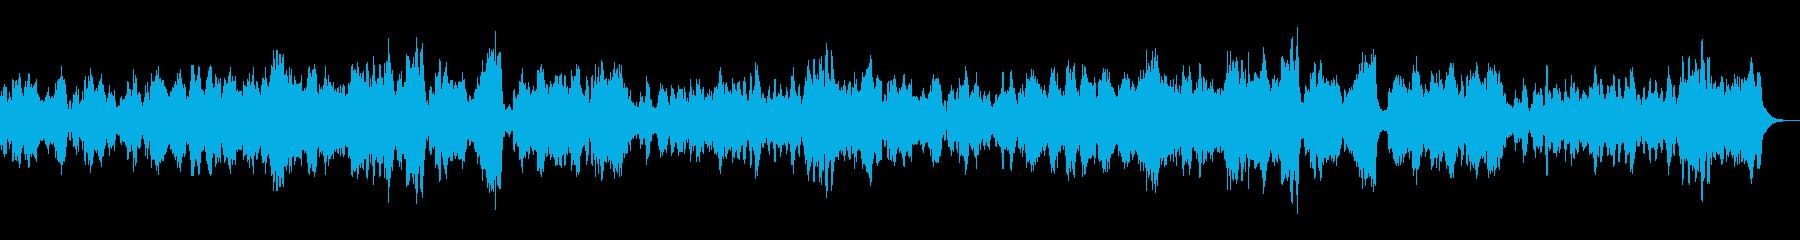 たのしい愉快な曲の再生済みの波形